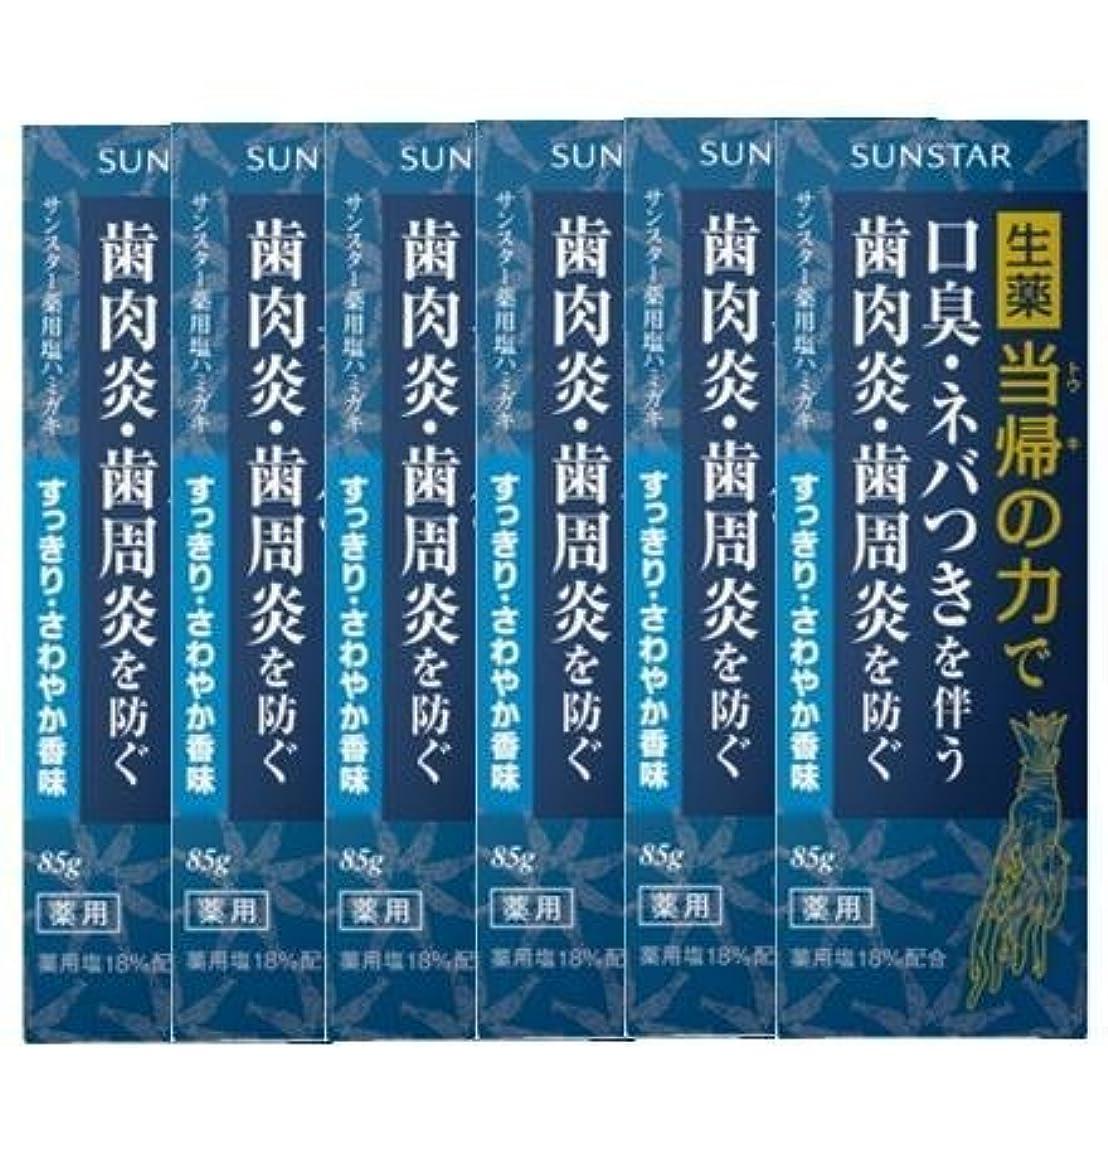 原稿展示会再発する薬用ハミガキ 生薬 当帰の力 さわやか香味85g×6個セット